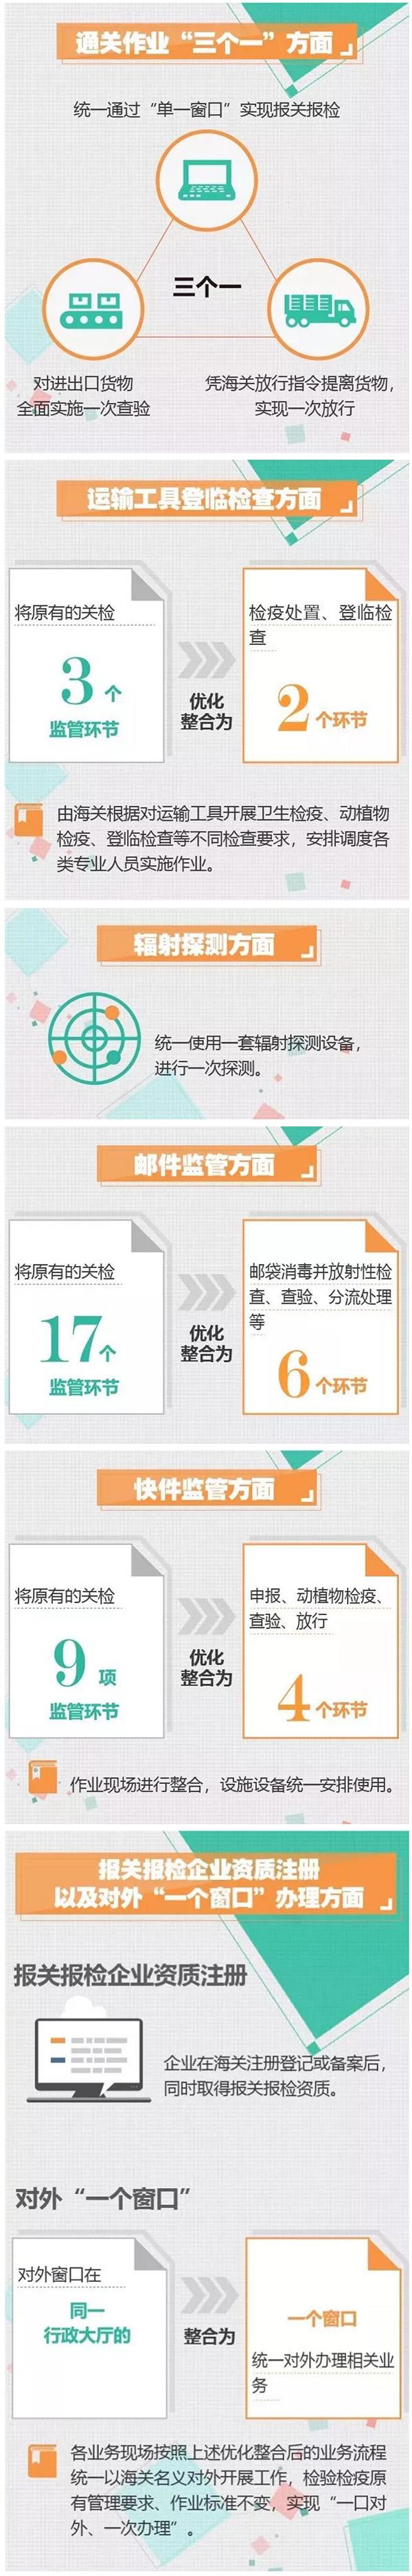 武汉新海关亮相 旅客通关时间缩短三分之一巴比豆空间